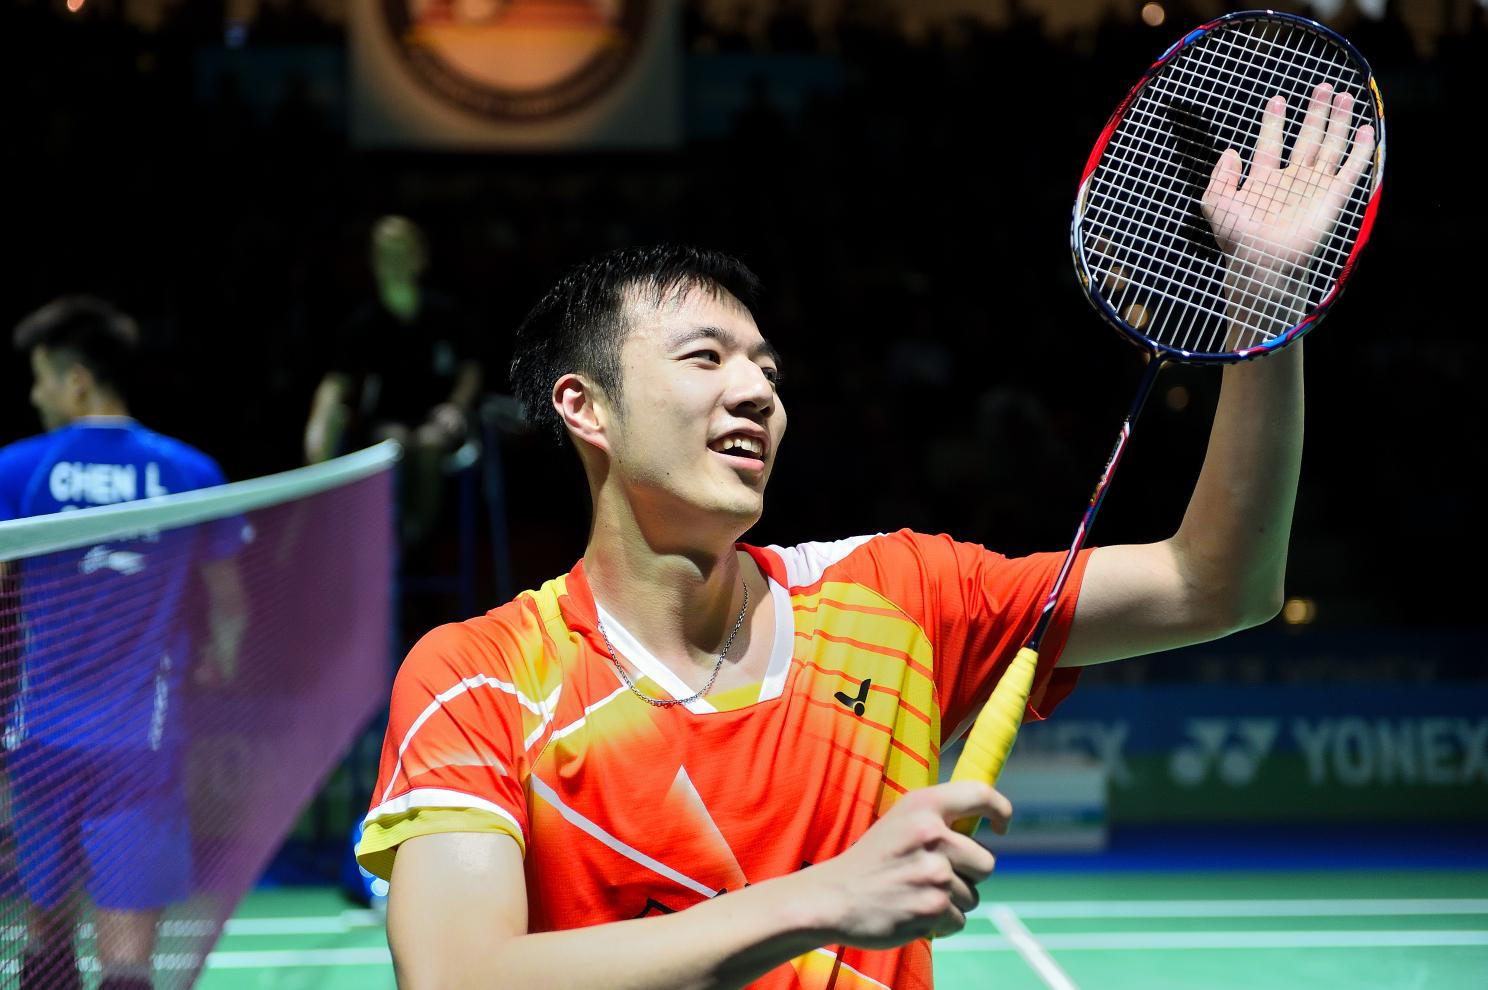 Mit 21:18 9:21 und 21:18 wirft Wang den amtierenden Olympiasieger aus dem Turnier